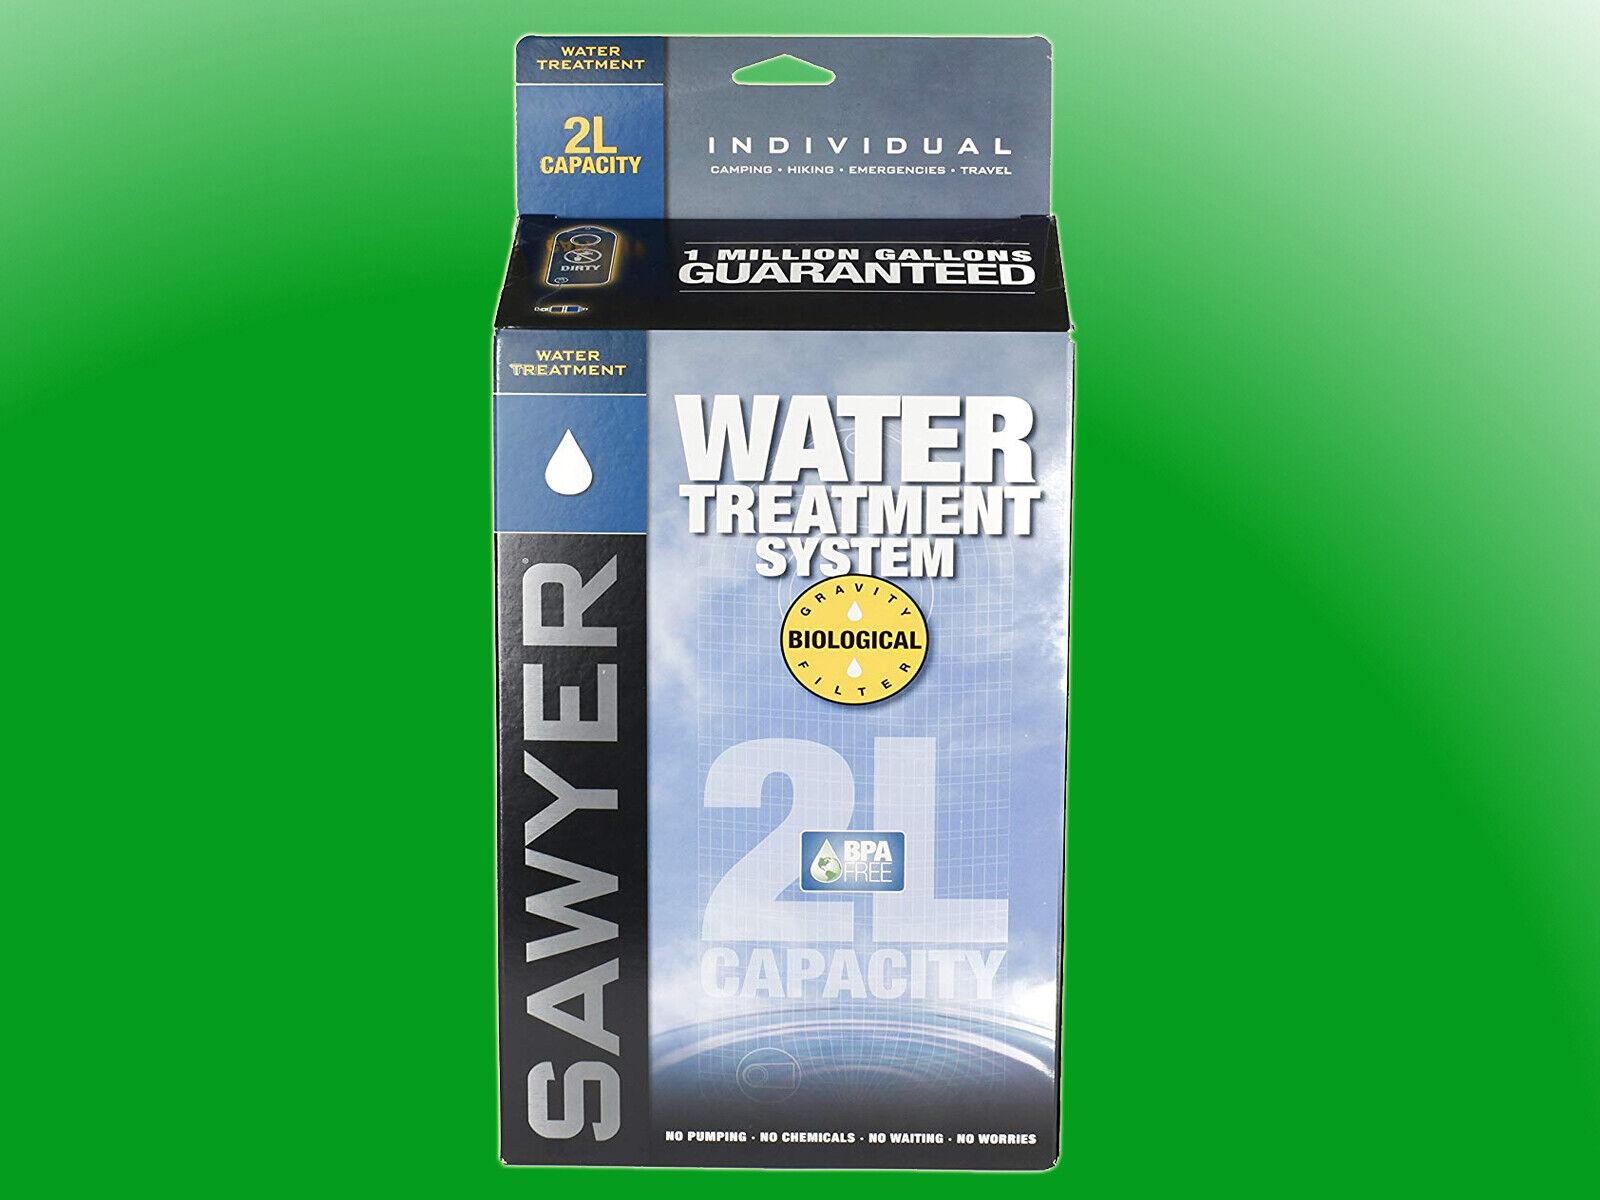 Sawyer 2 Liter TreatSiet System SP161 Schwercraftfilter f deck 65533r;